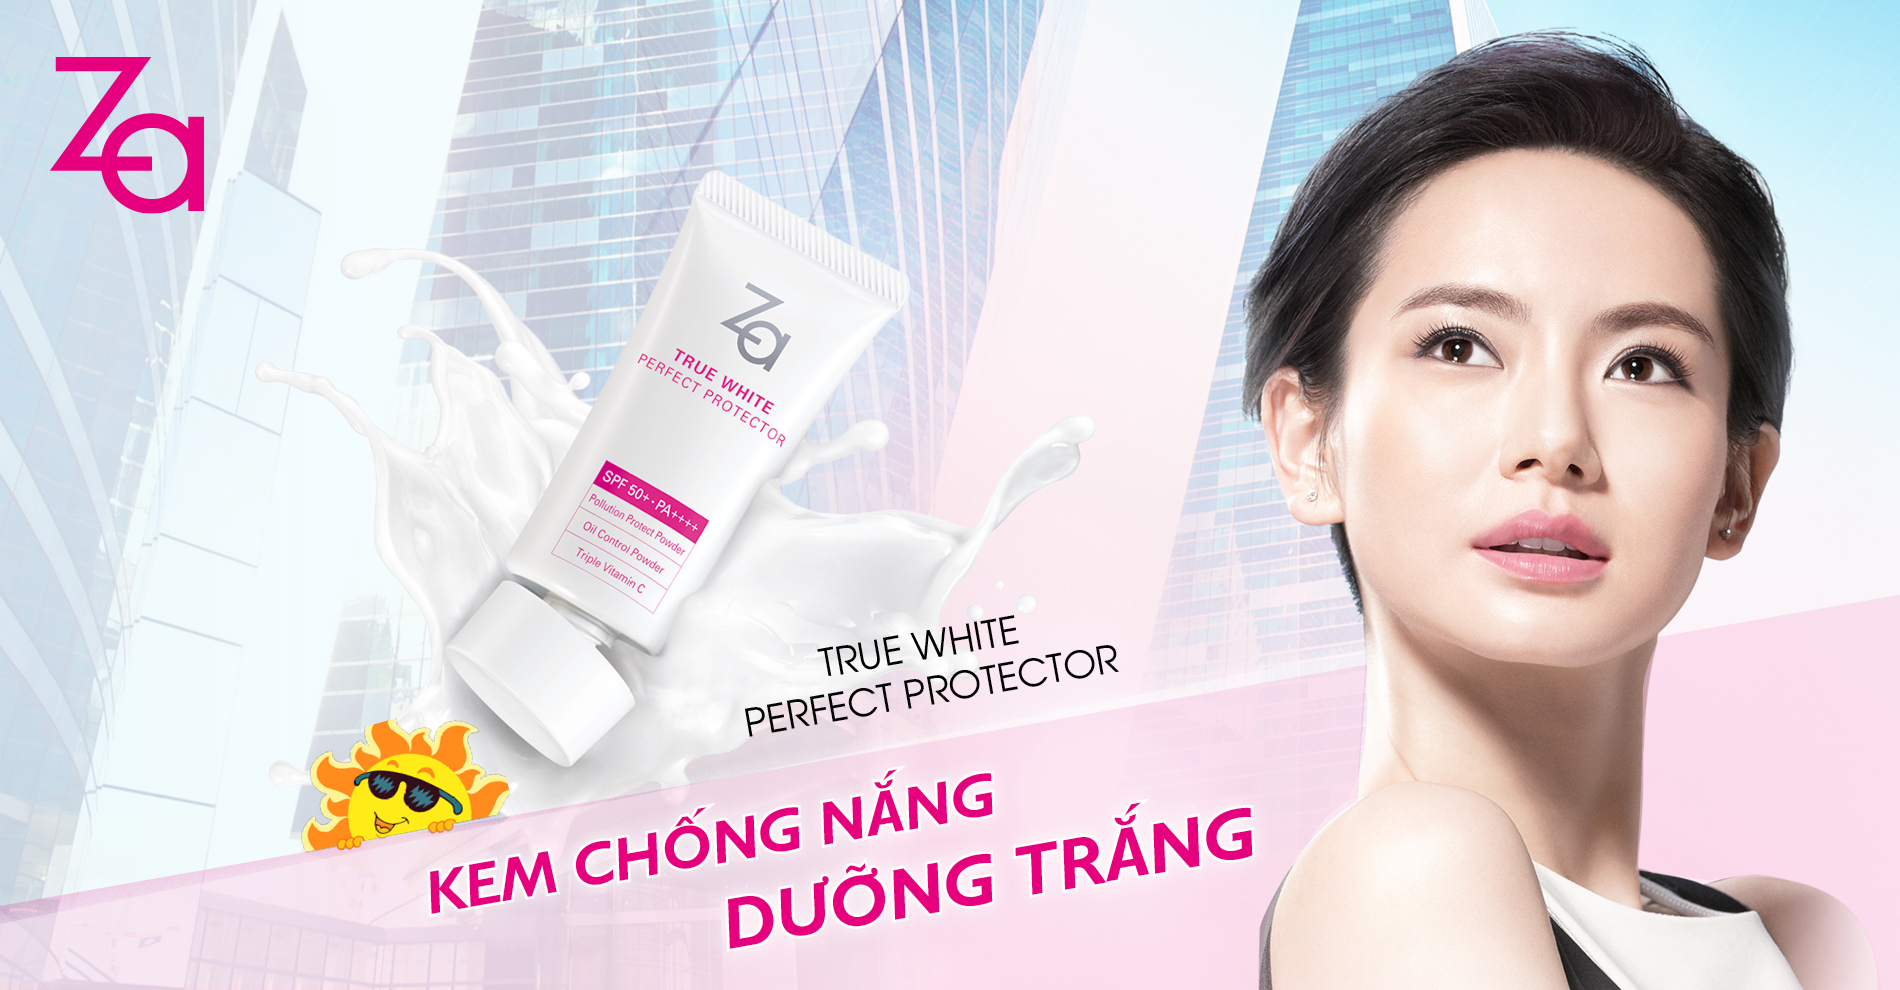 True White Perfect Protector-Soái ca đích thực mà các nàng cần - Ảnh 1.